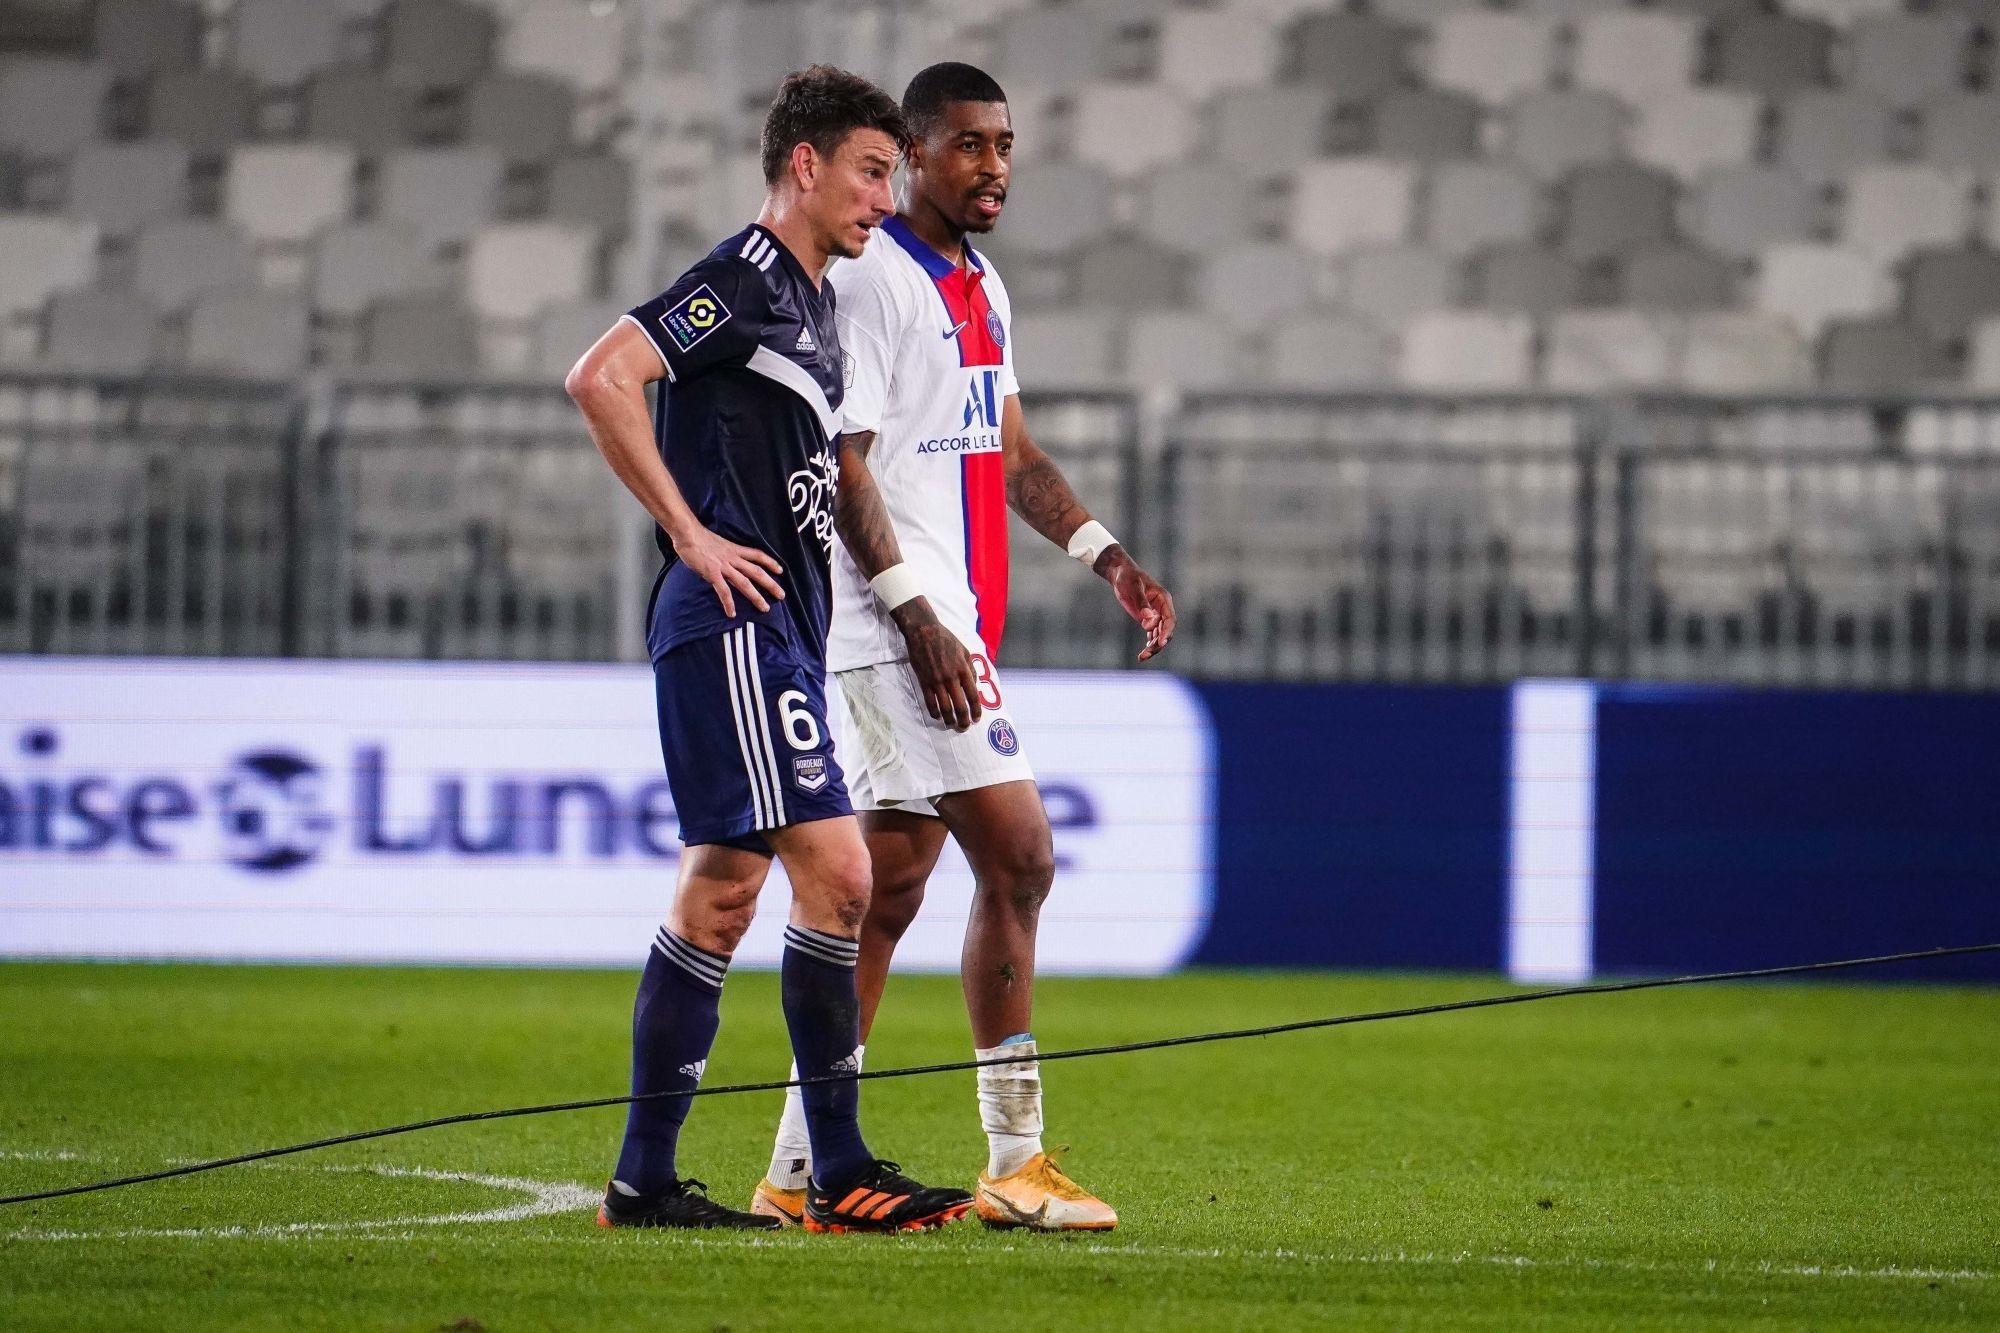 """Bordeaux/PSG - Kimpembe est clair : gagner """"ce n'est pas un pacte, c'est une obligation"""